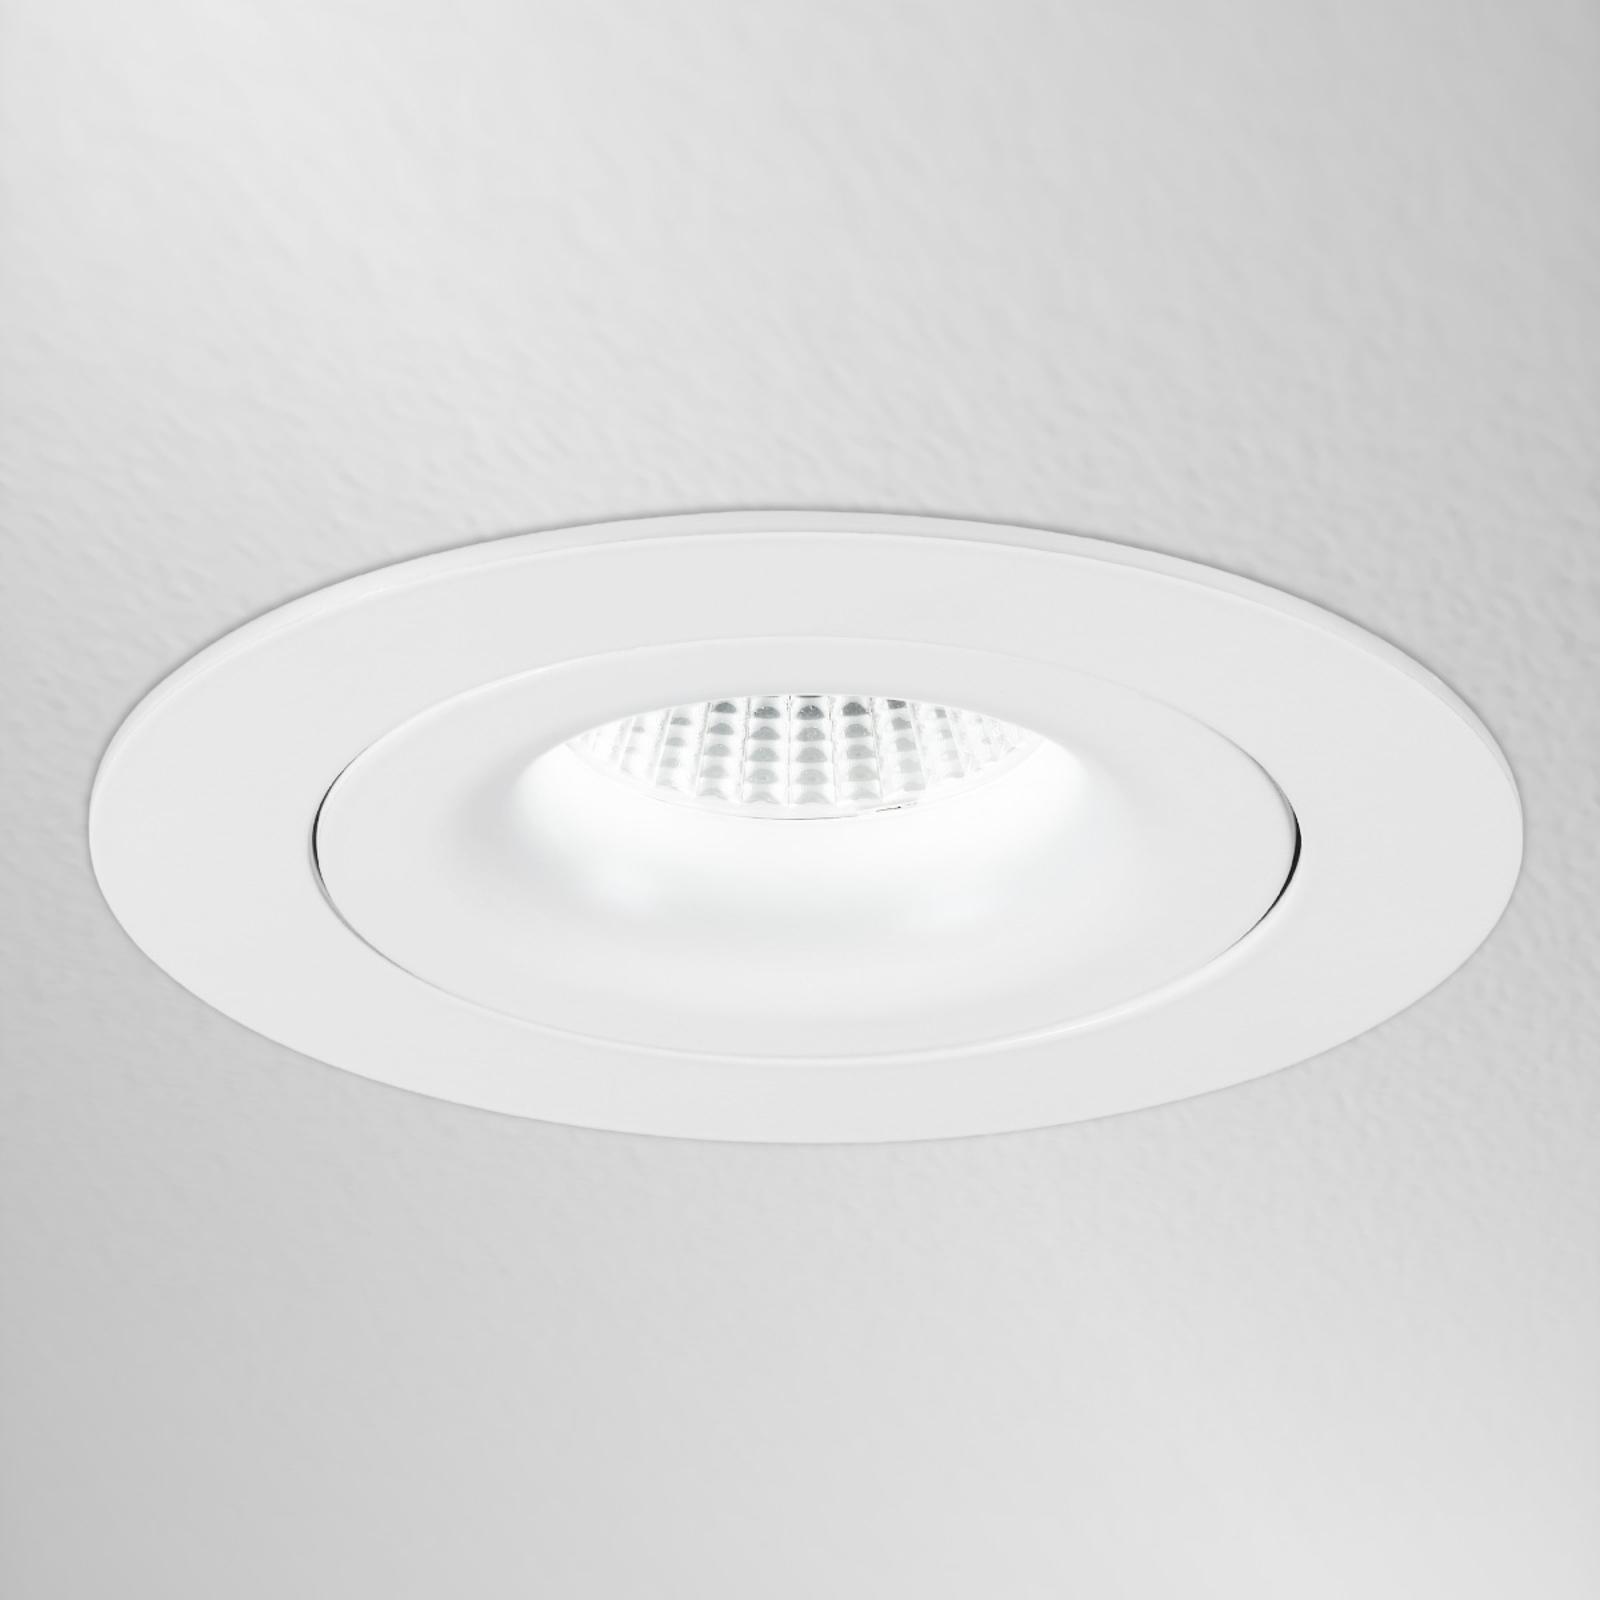 Ronde LED inbouwspot MK 110